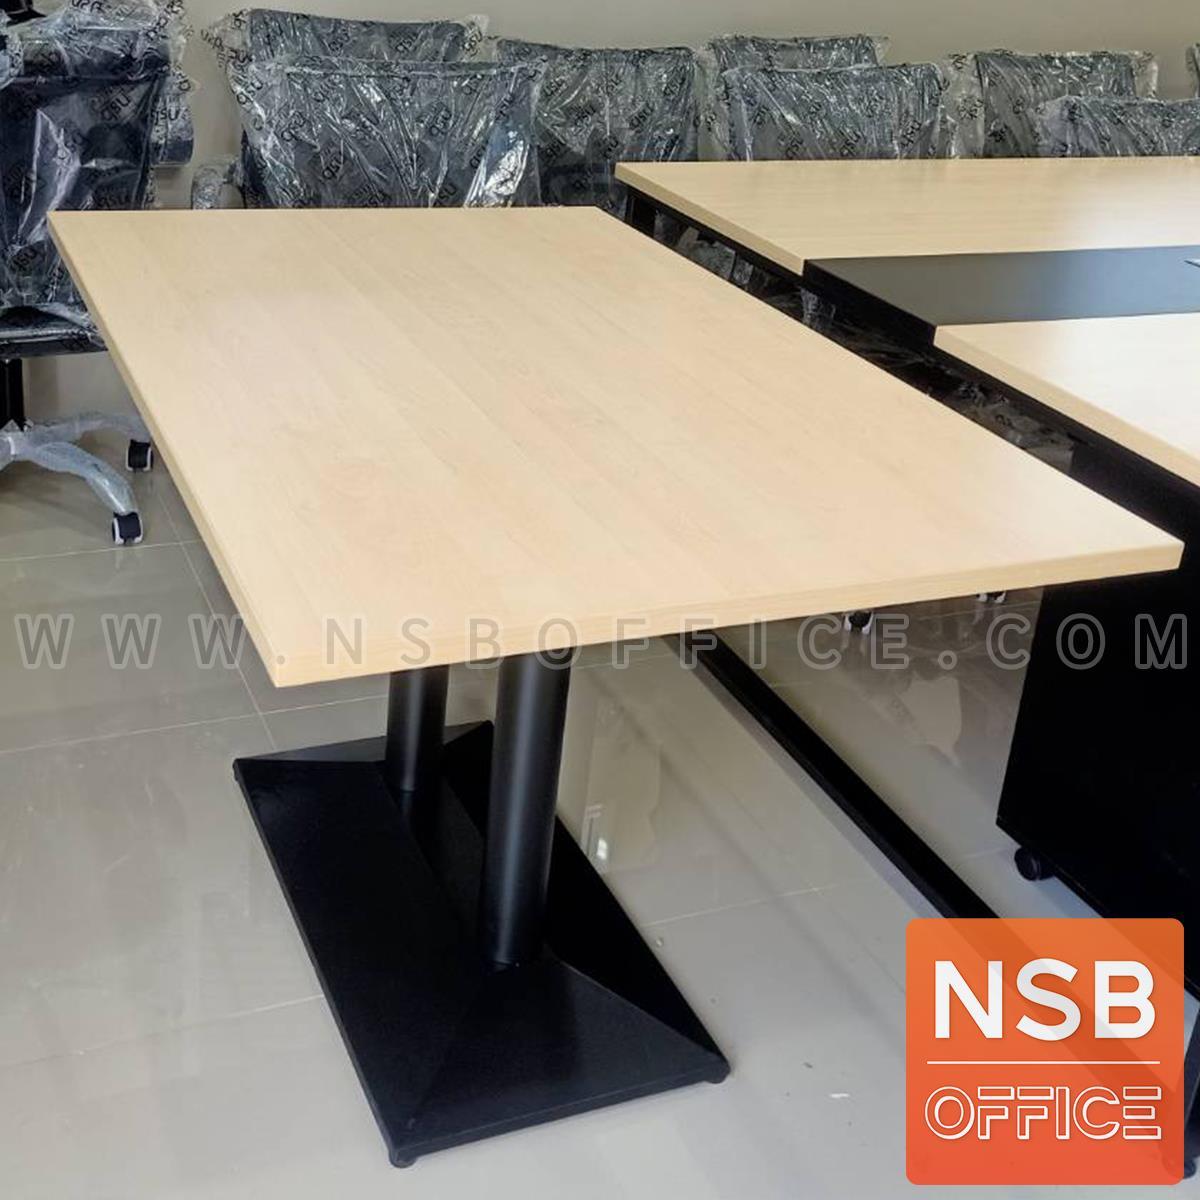 โต๊ะบาร์ COFFEE รุ่น H-CF48 ขนาด 120W cm. ขาเหล็กฐานพีระมิดสีดำ